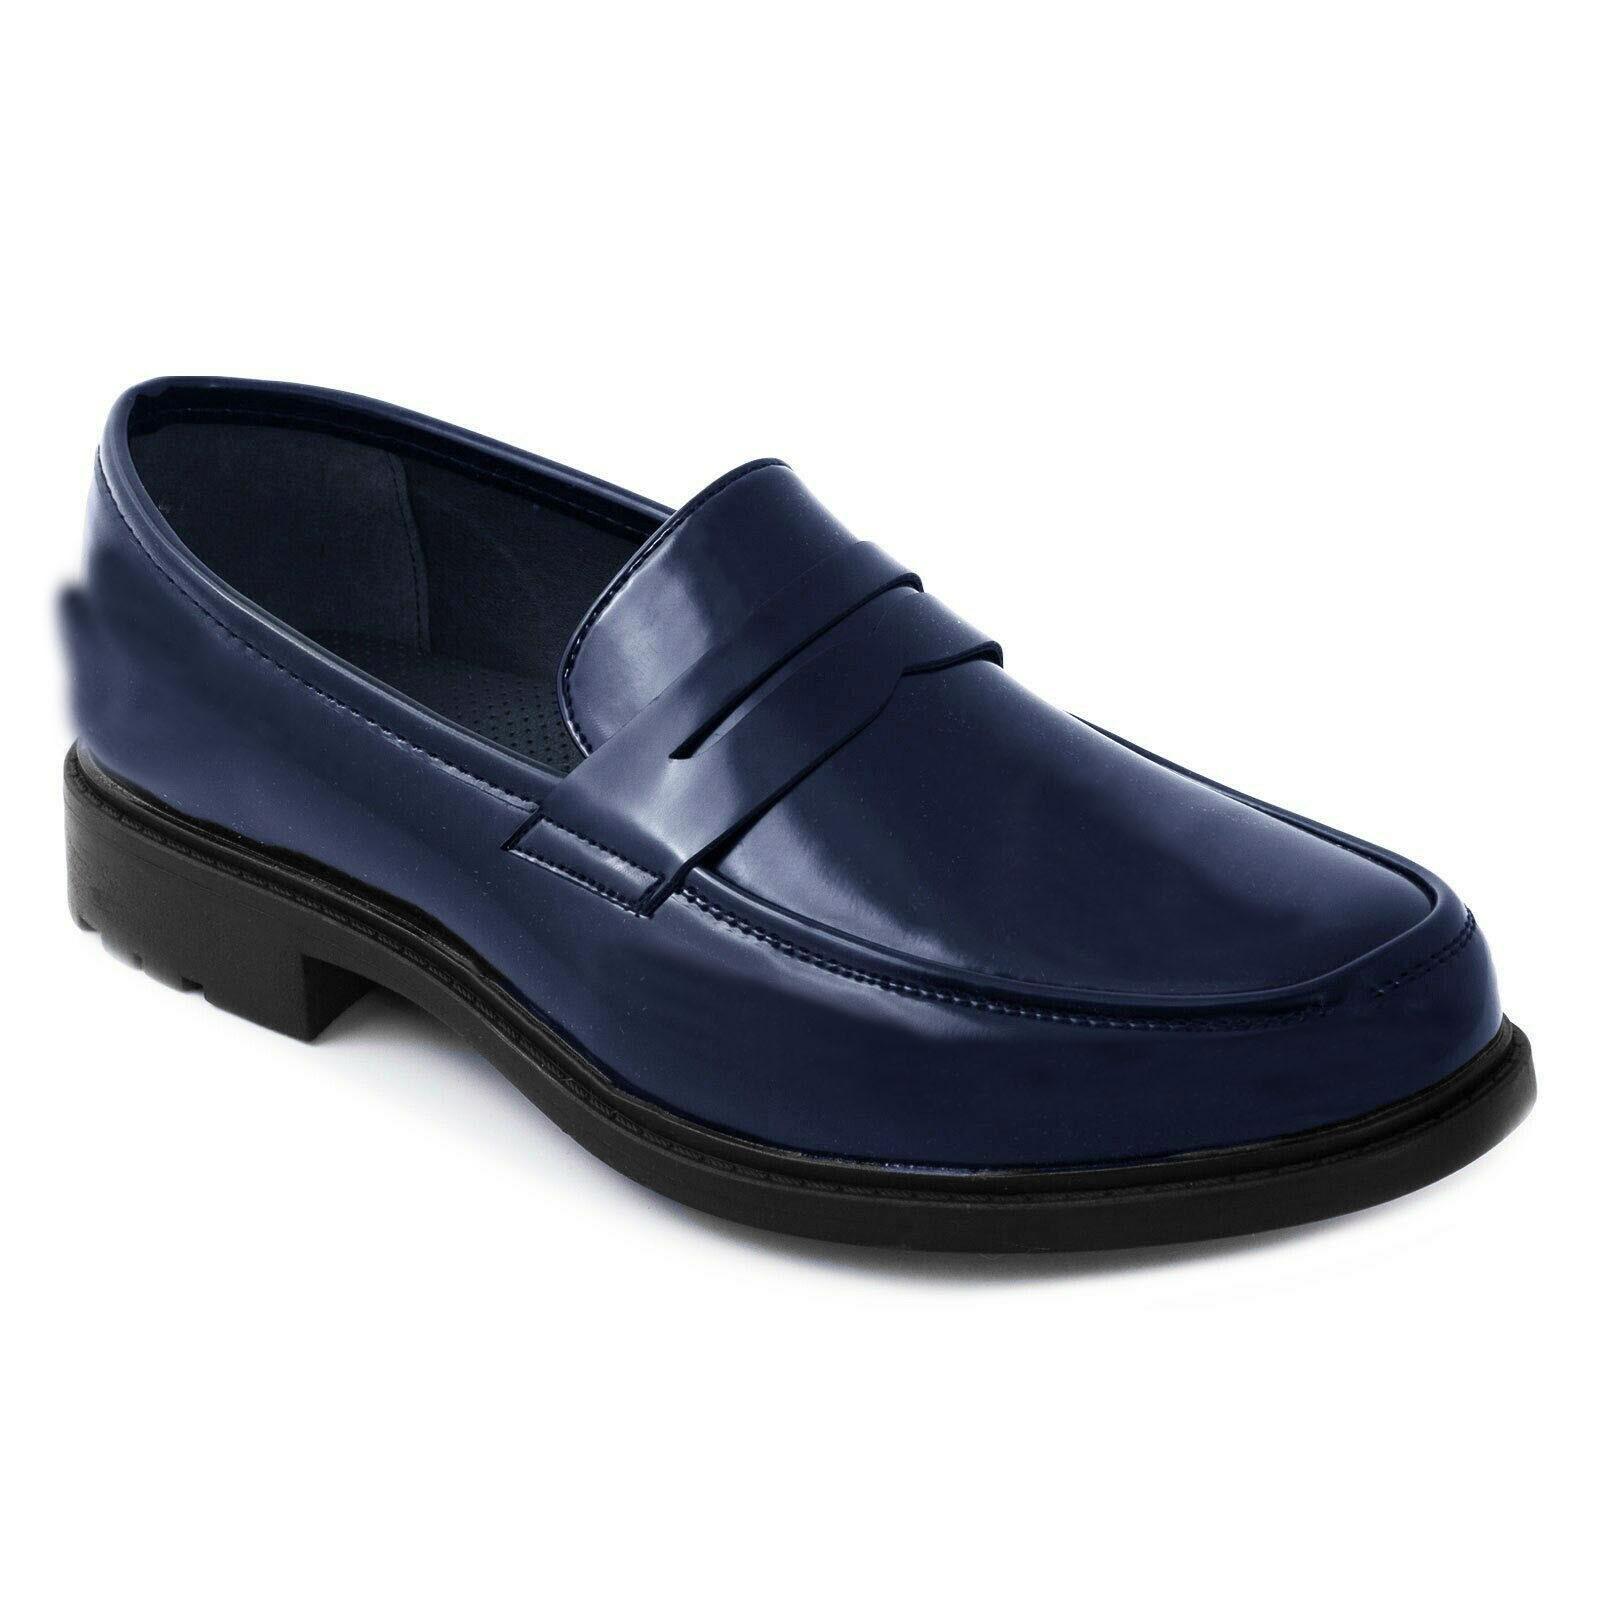 Mocassini-Uomo-Pelle-Blu-Nero-Scarpe-Eleganti-Classiche-Mocassino-Cerimonia miniatura 13